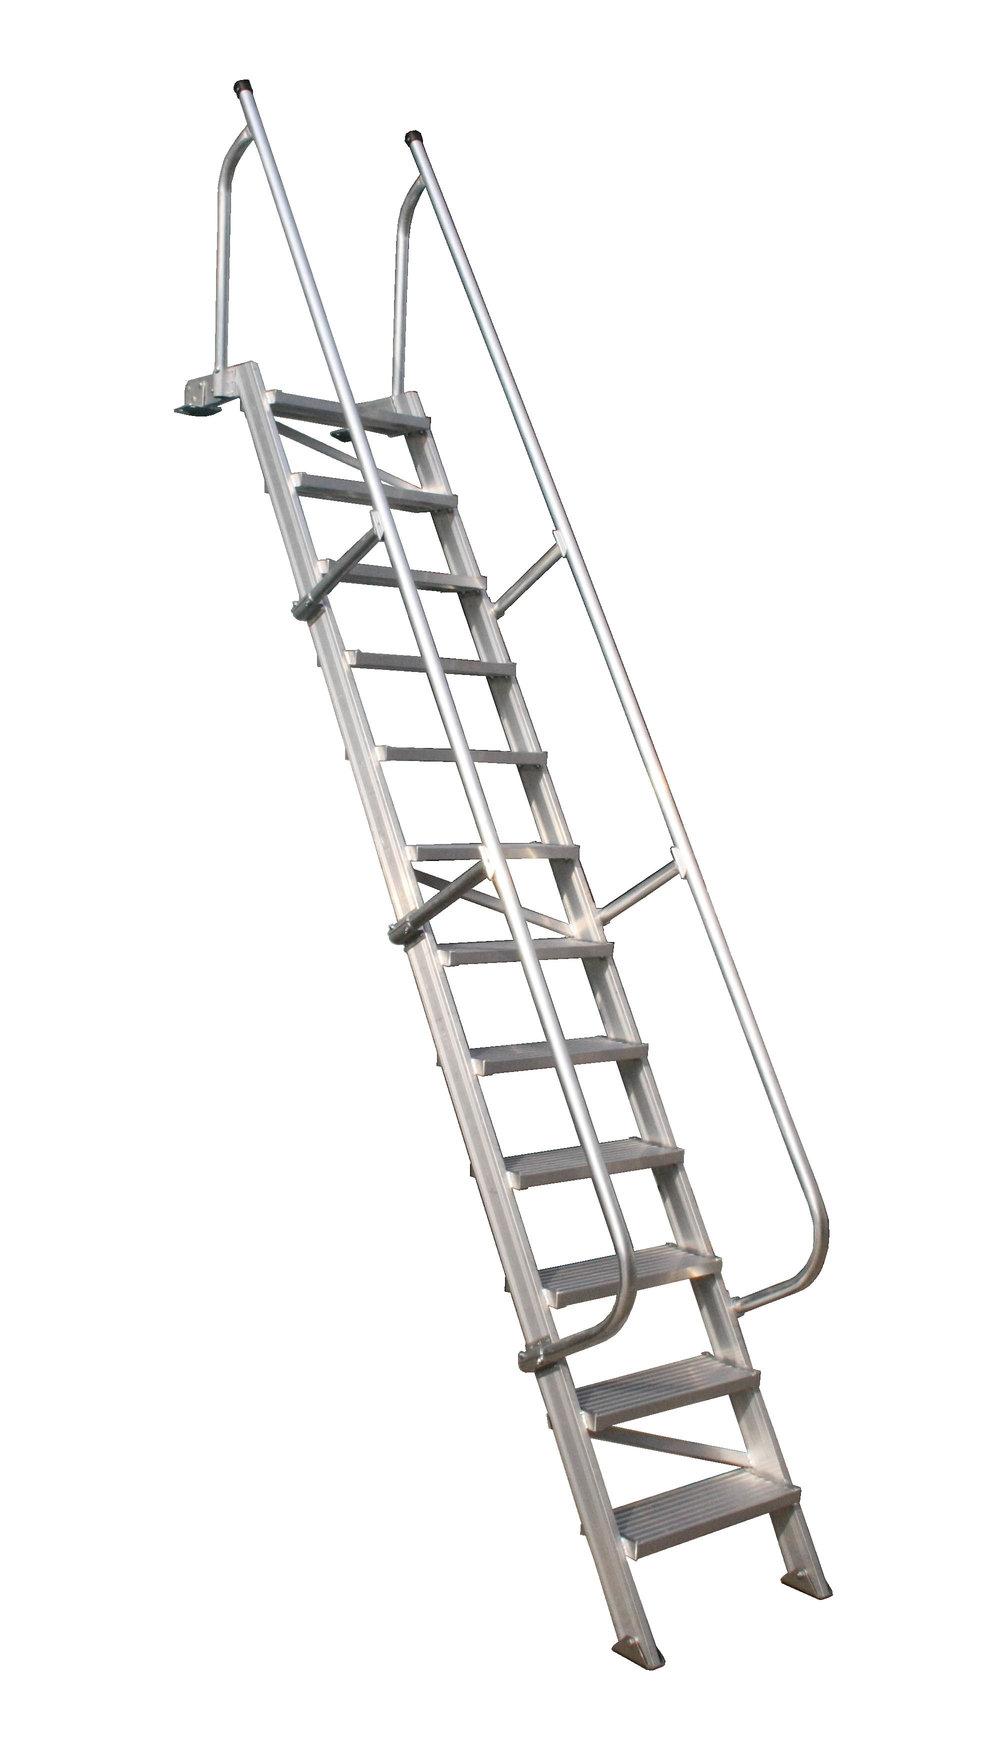 Main-Full Bulwark ladder pic.jpg